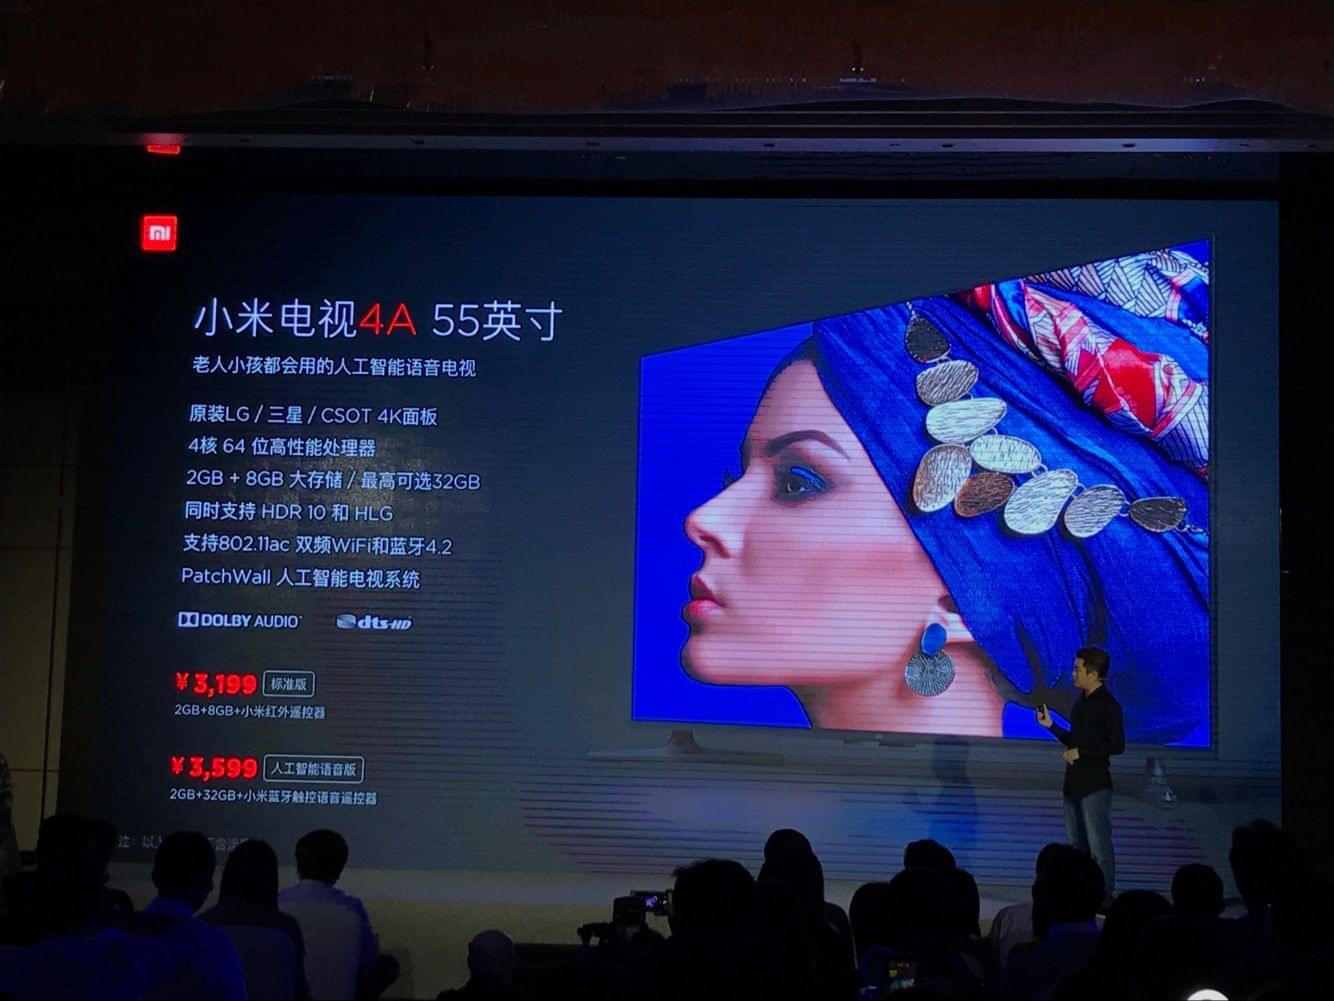 价格屠夫再临:小米电视4A正式发布 最低2099元起的照片 - 13